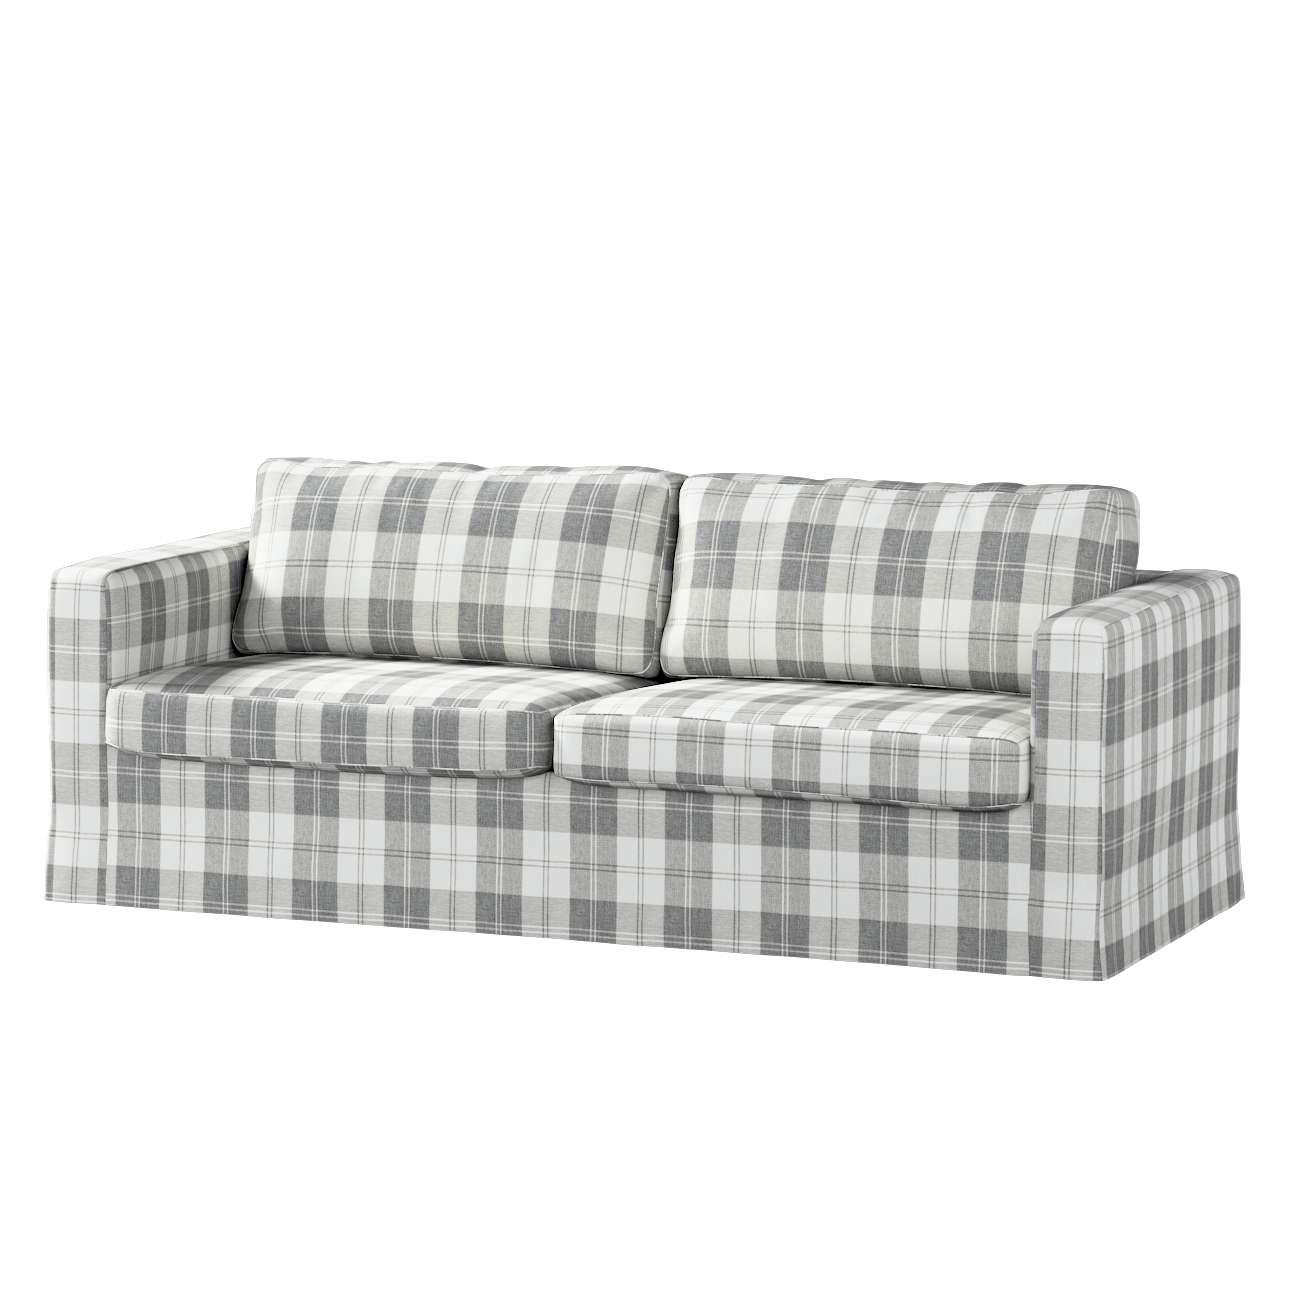 Karlstad trivietės sofos užvalkalas (ilgas, iki žemės) Karlstad trivietės sofos užvalkalas (ilgas, iki žemės) kolekcijoje Edinburgh , audinys: 115-79